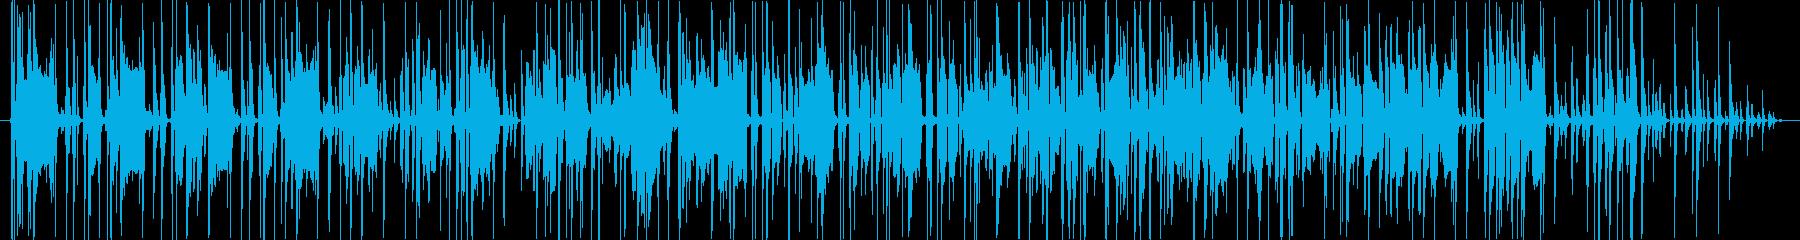 クールだけどどこかコミカルなBGMの再生済みの波形